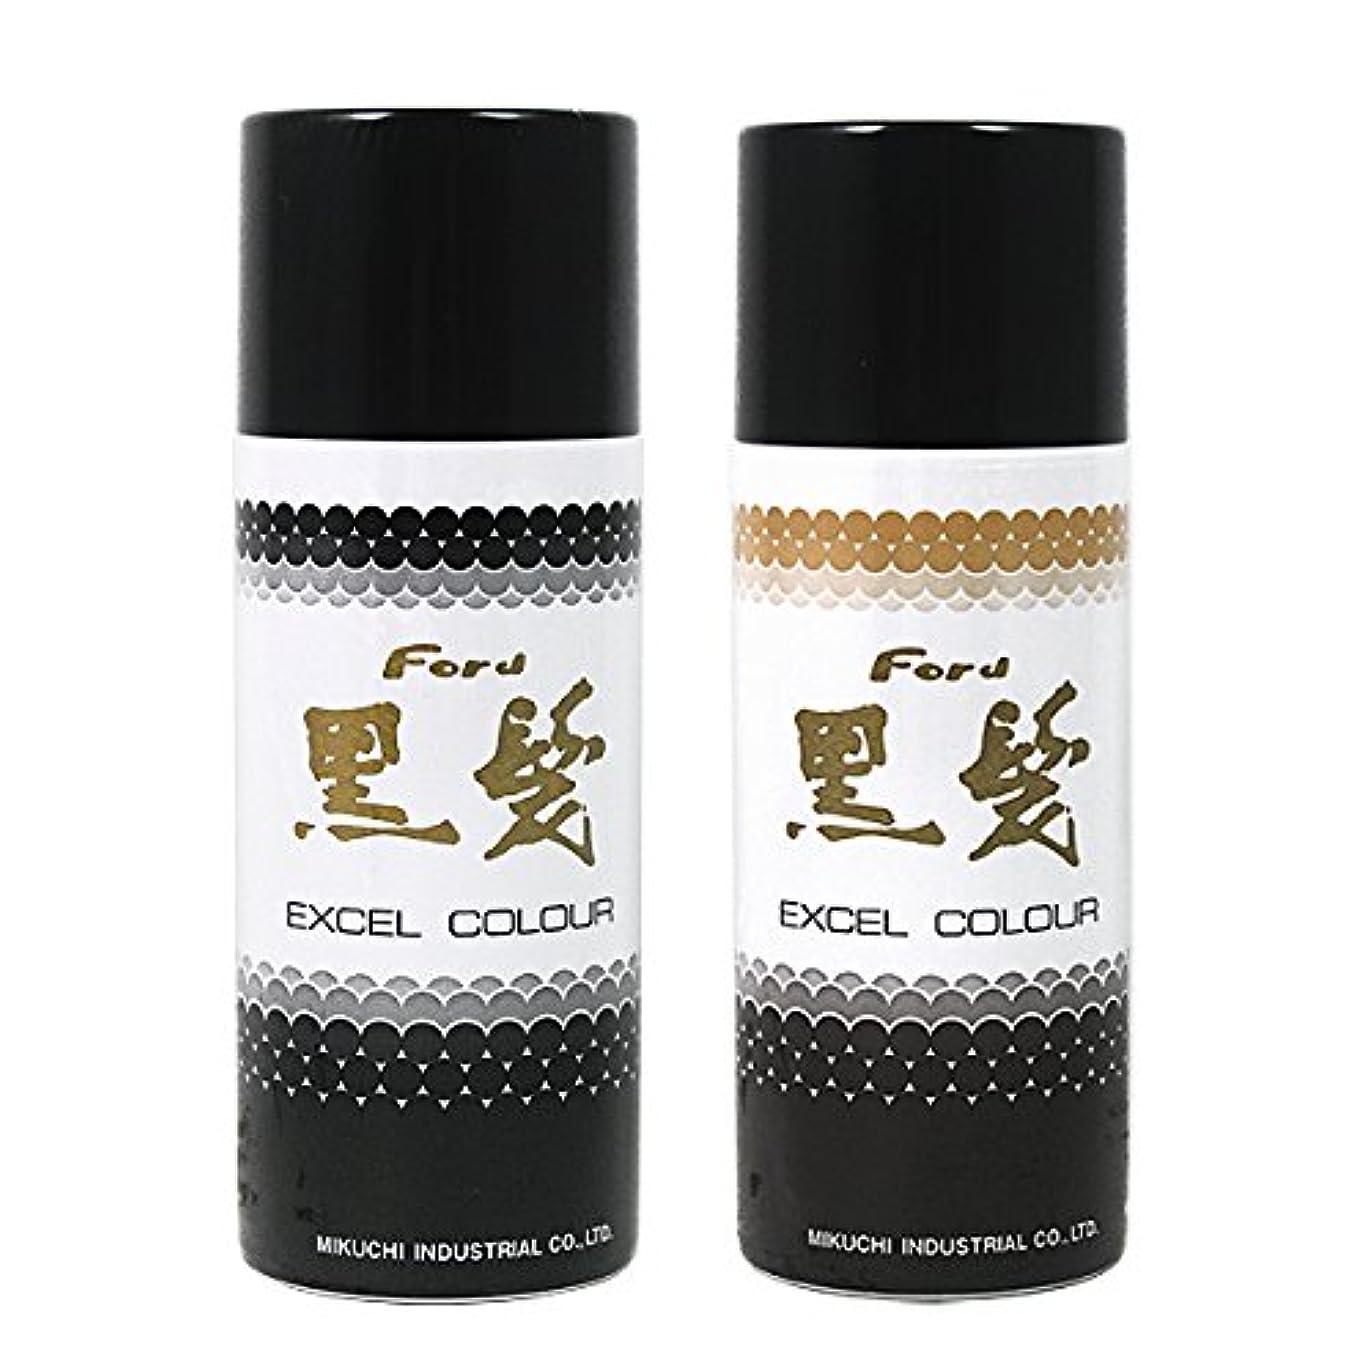 バケツタックルアリフォードヘア エクセル カラースプレー黒髪 黒茶 容量100g